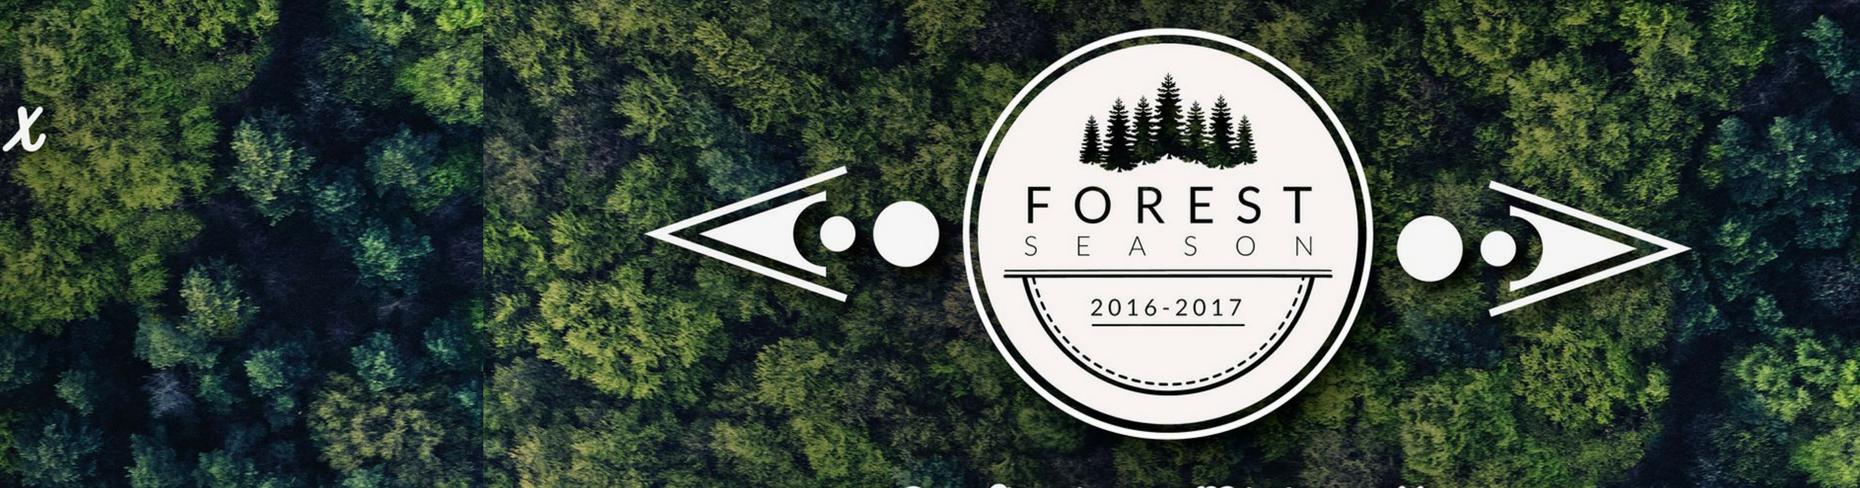 Wystawa FOREST SEASON